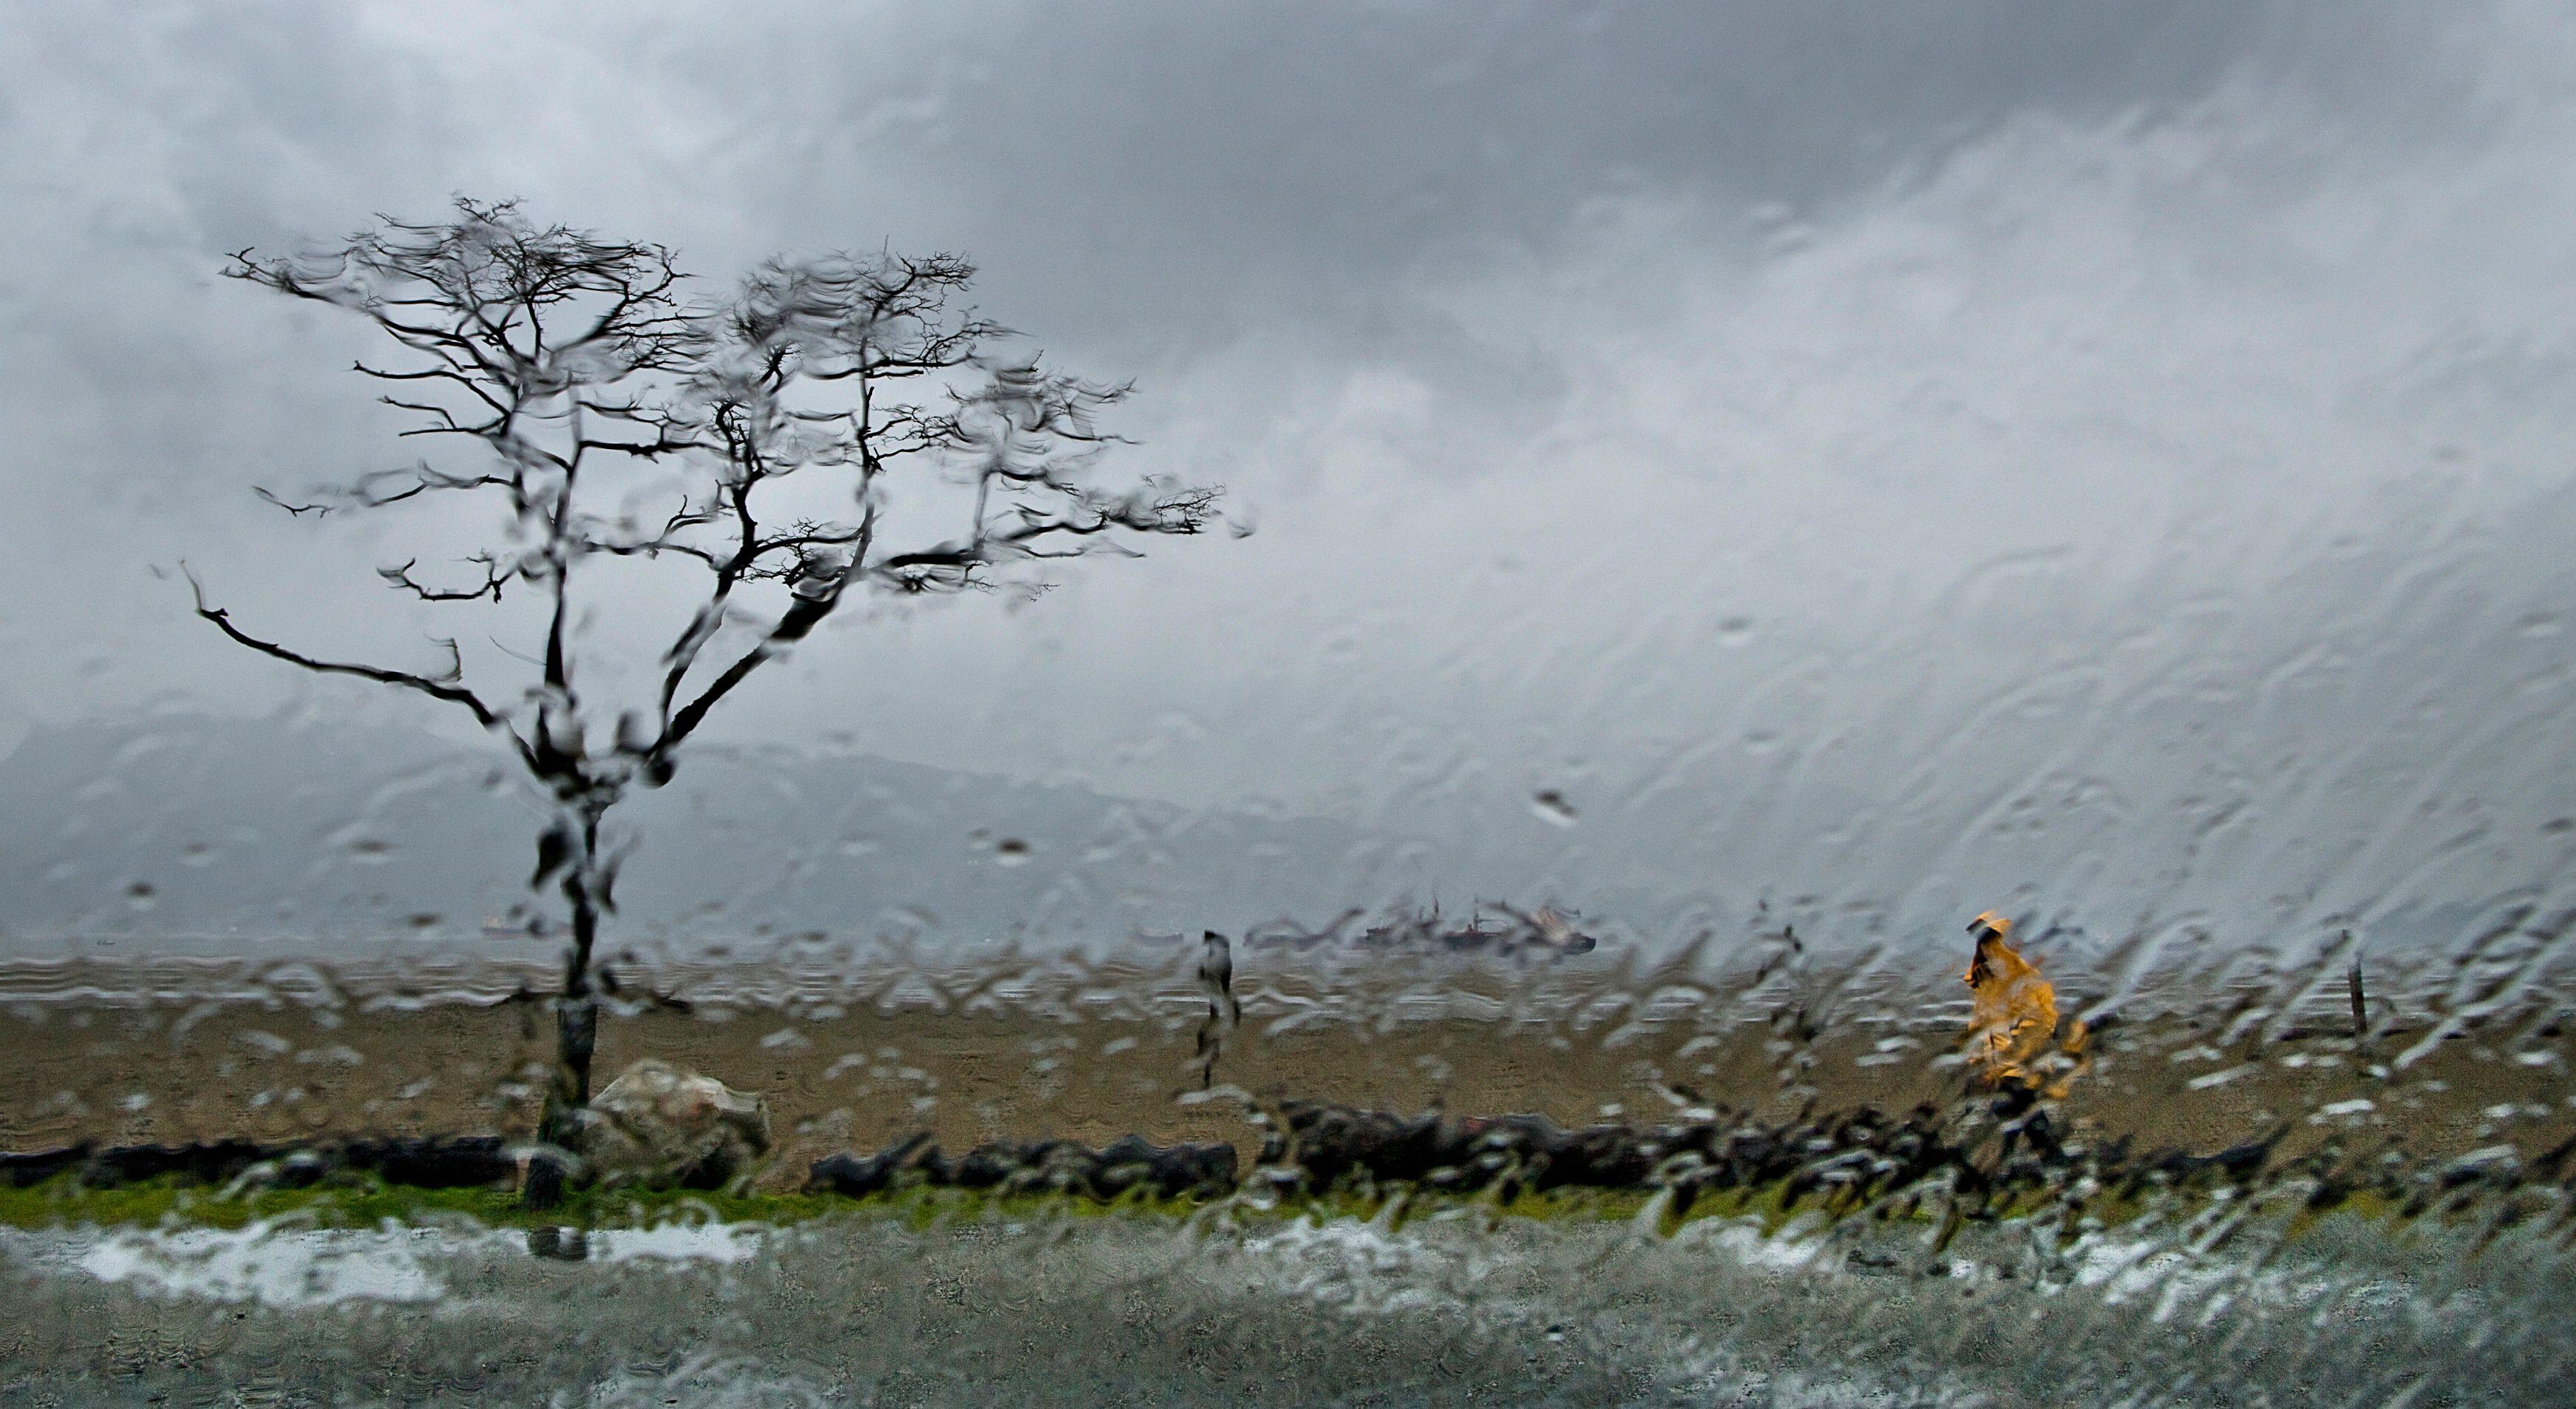 Des pluies fortes se sont abattues mardi soir sur le sud-est